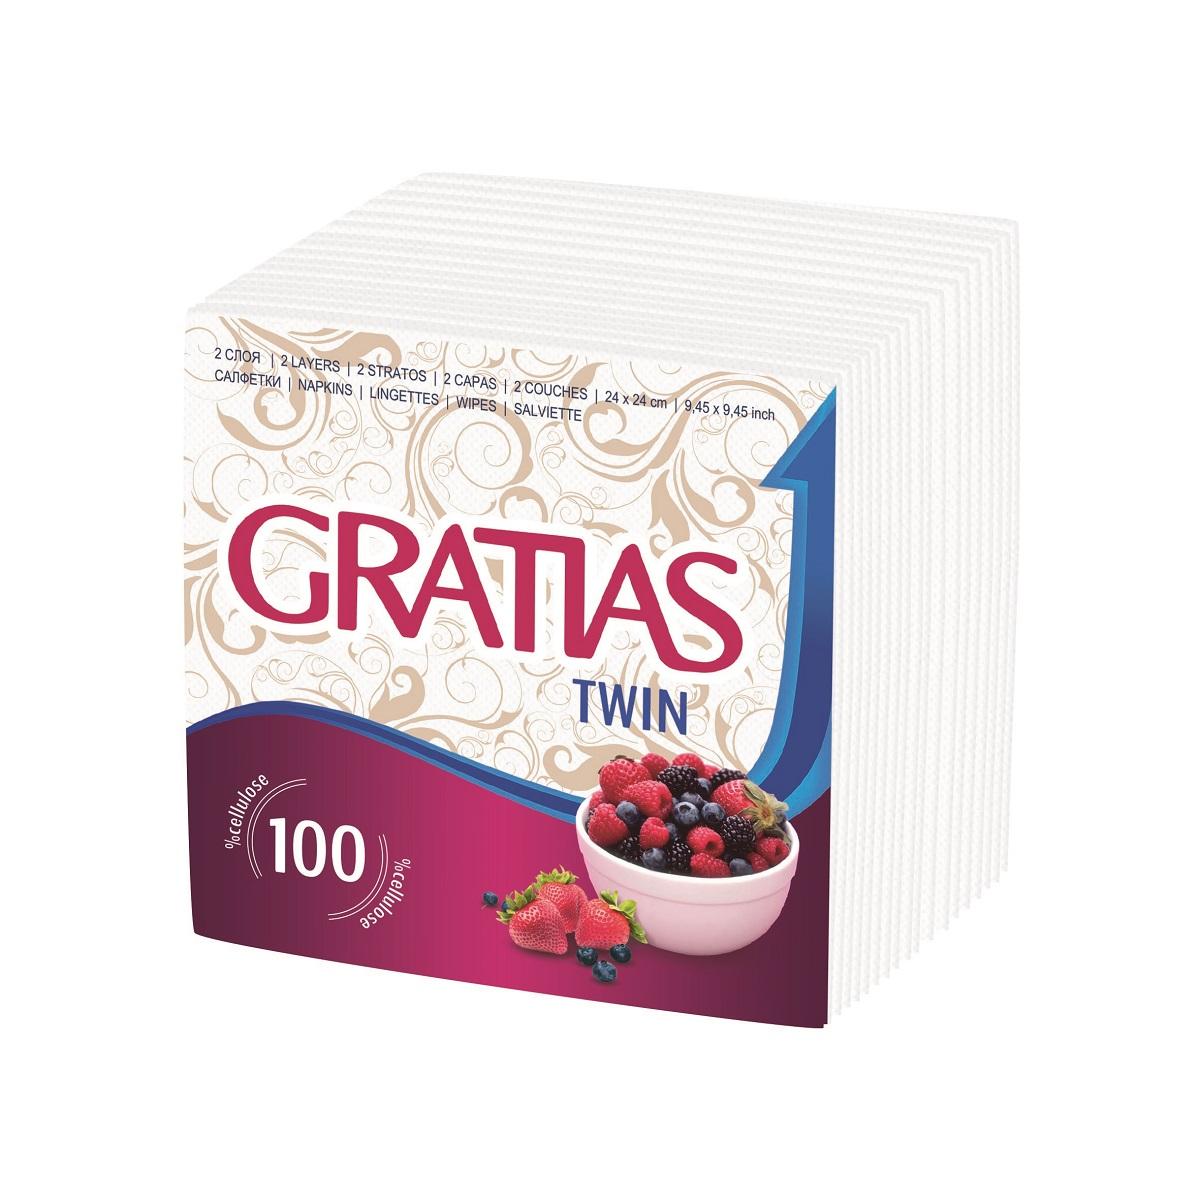 Салфетки бумажные Gratias Twin, двухслойные, 24 х 24 см, 100 штTF-14AU-12Двухслойные бумажные салфетки Gratias Twin, выполненные из натуральной целлюлозы, станут отличным дополнением праздничного стола. Они отличаются необычной мягкостью и прочностью. Салфетки красиво оформят сервировку стола. Размер салфеток: 24 х 24 см.